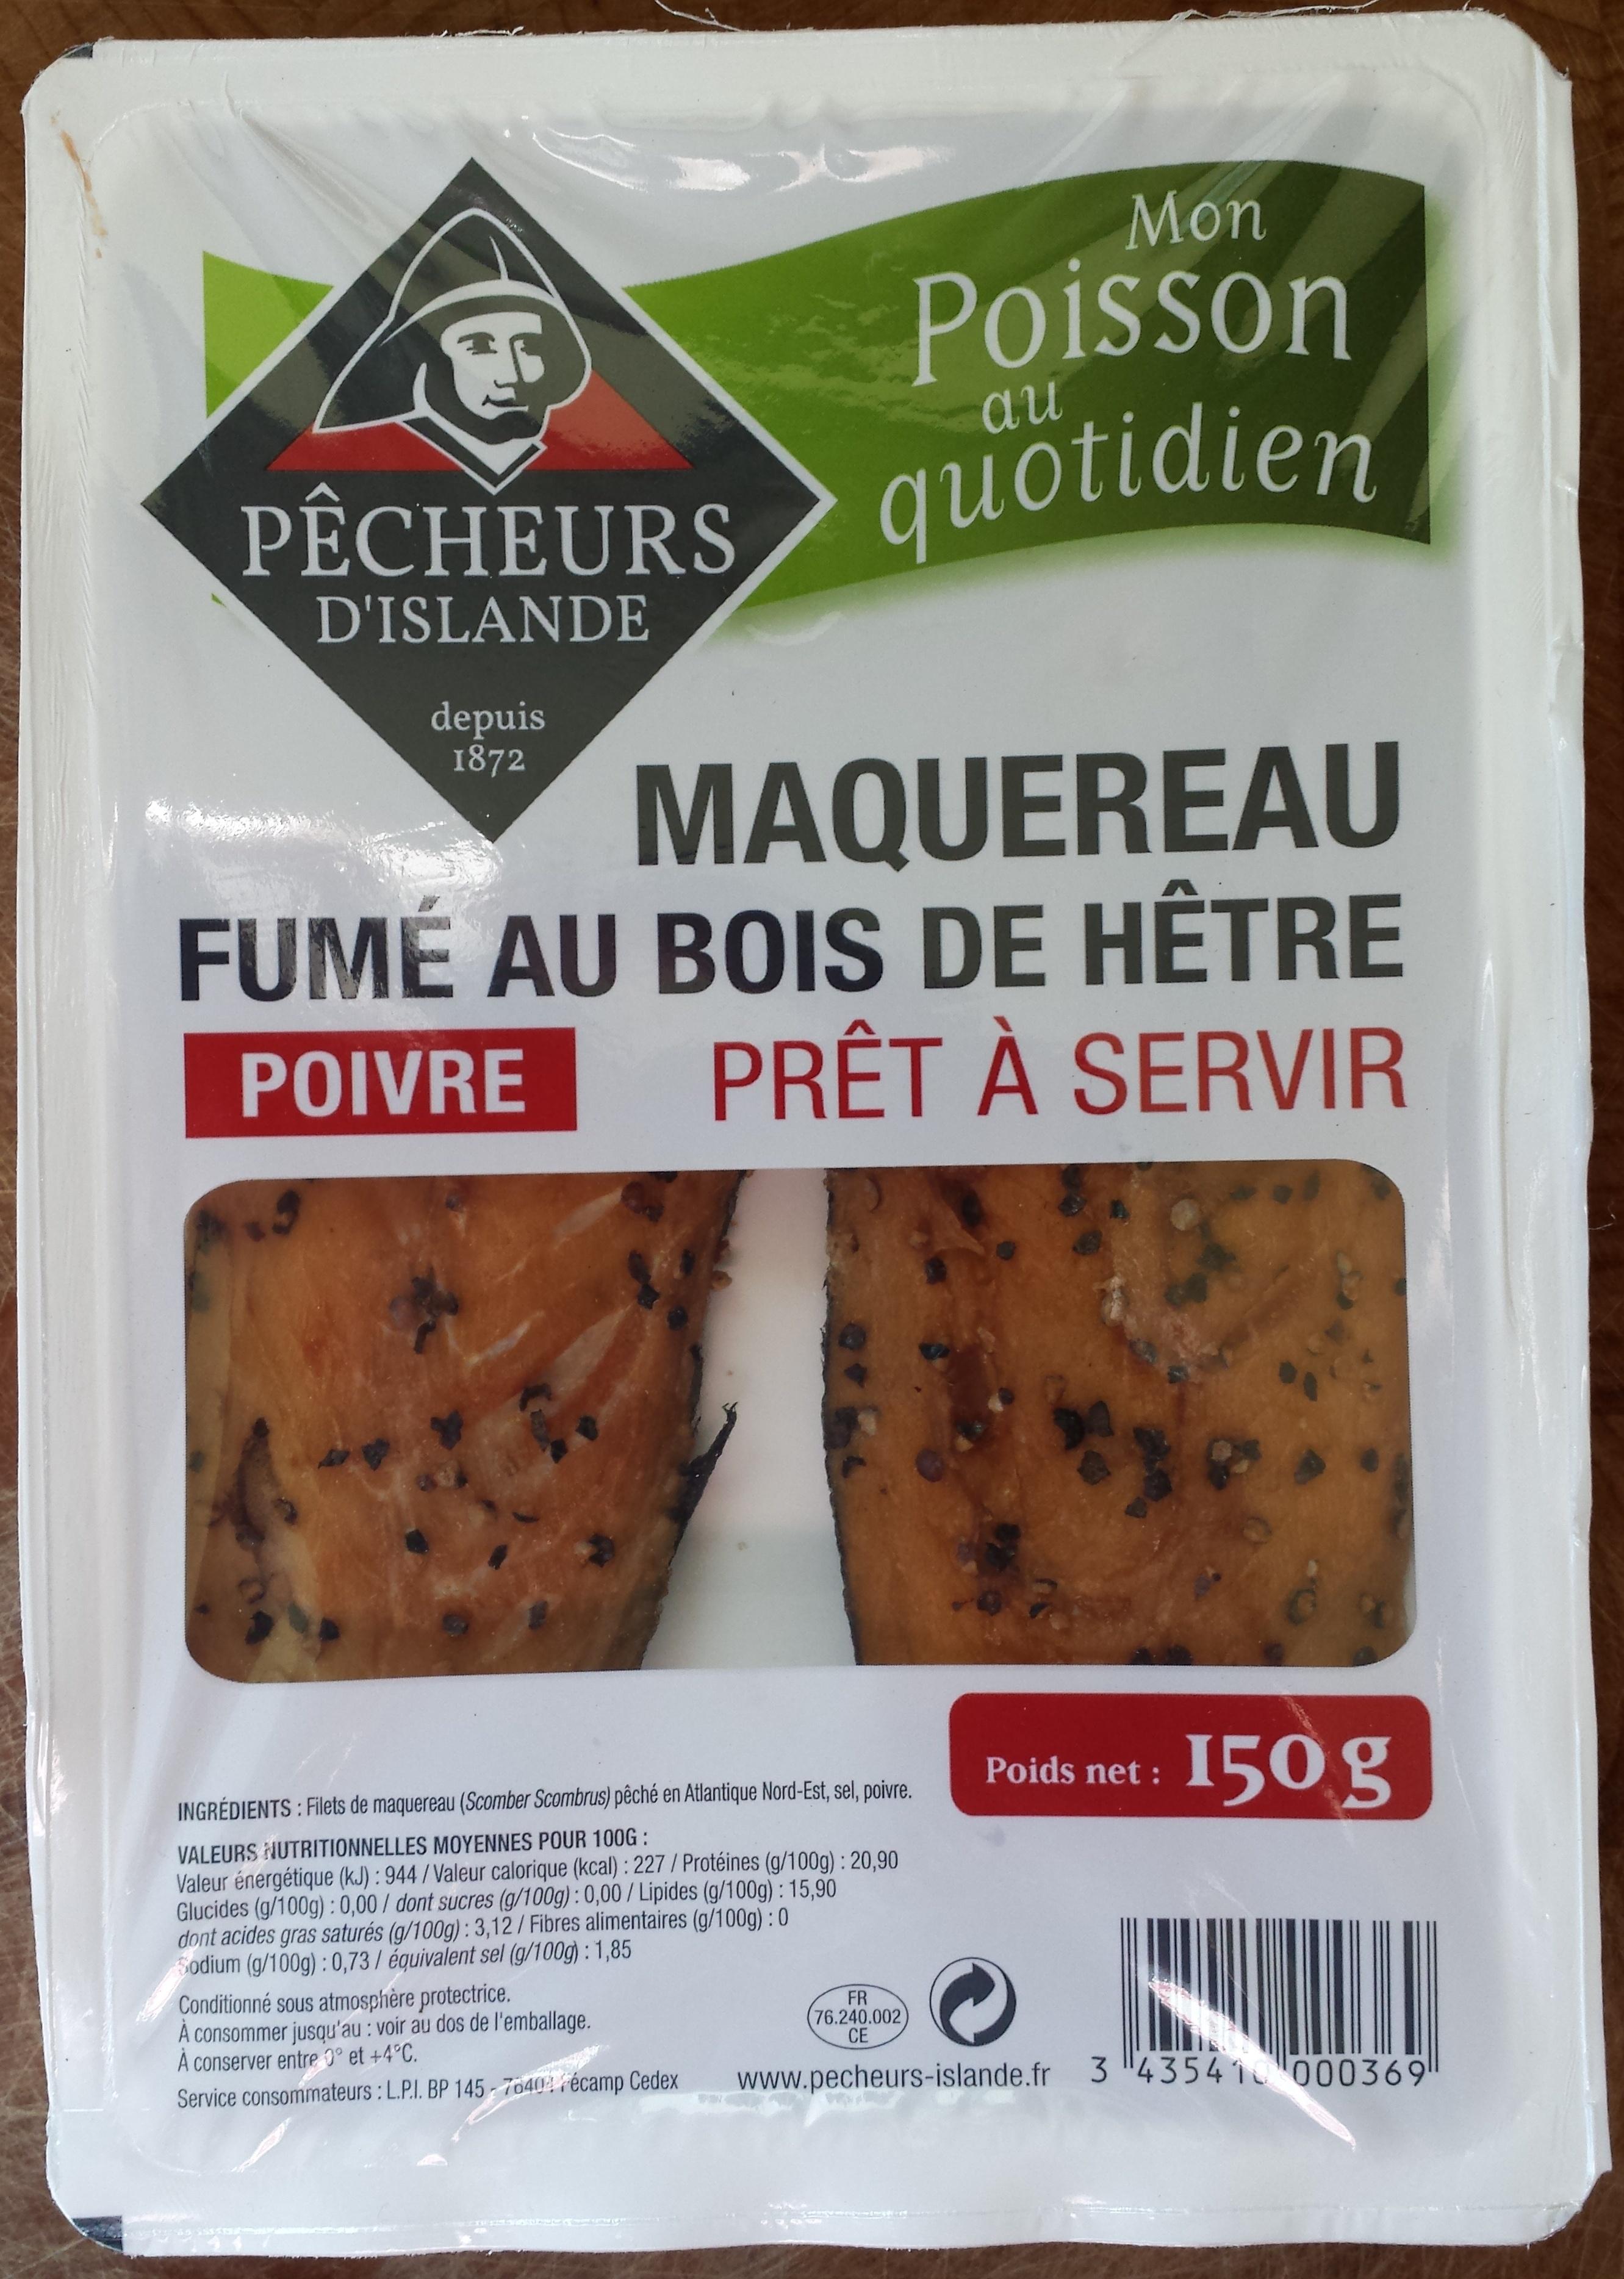 Maquereau Fumé au Bois de Hêtre - Poivre - Product - fr